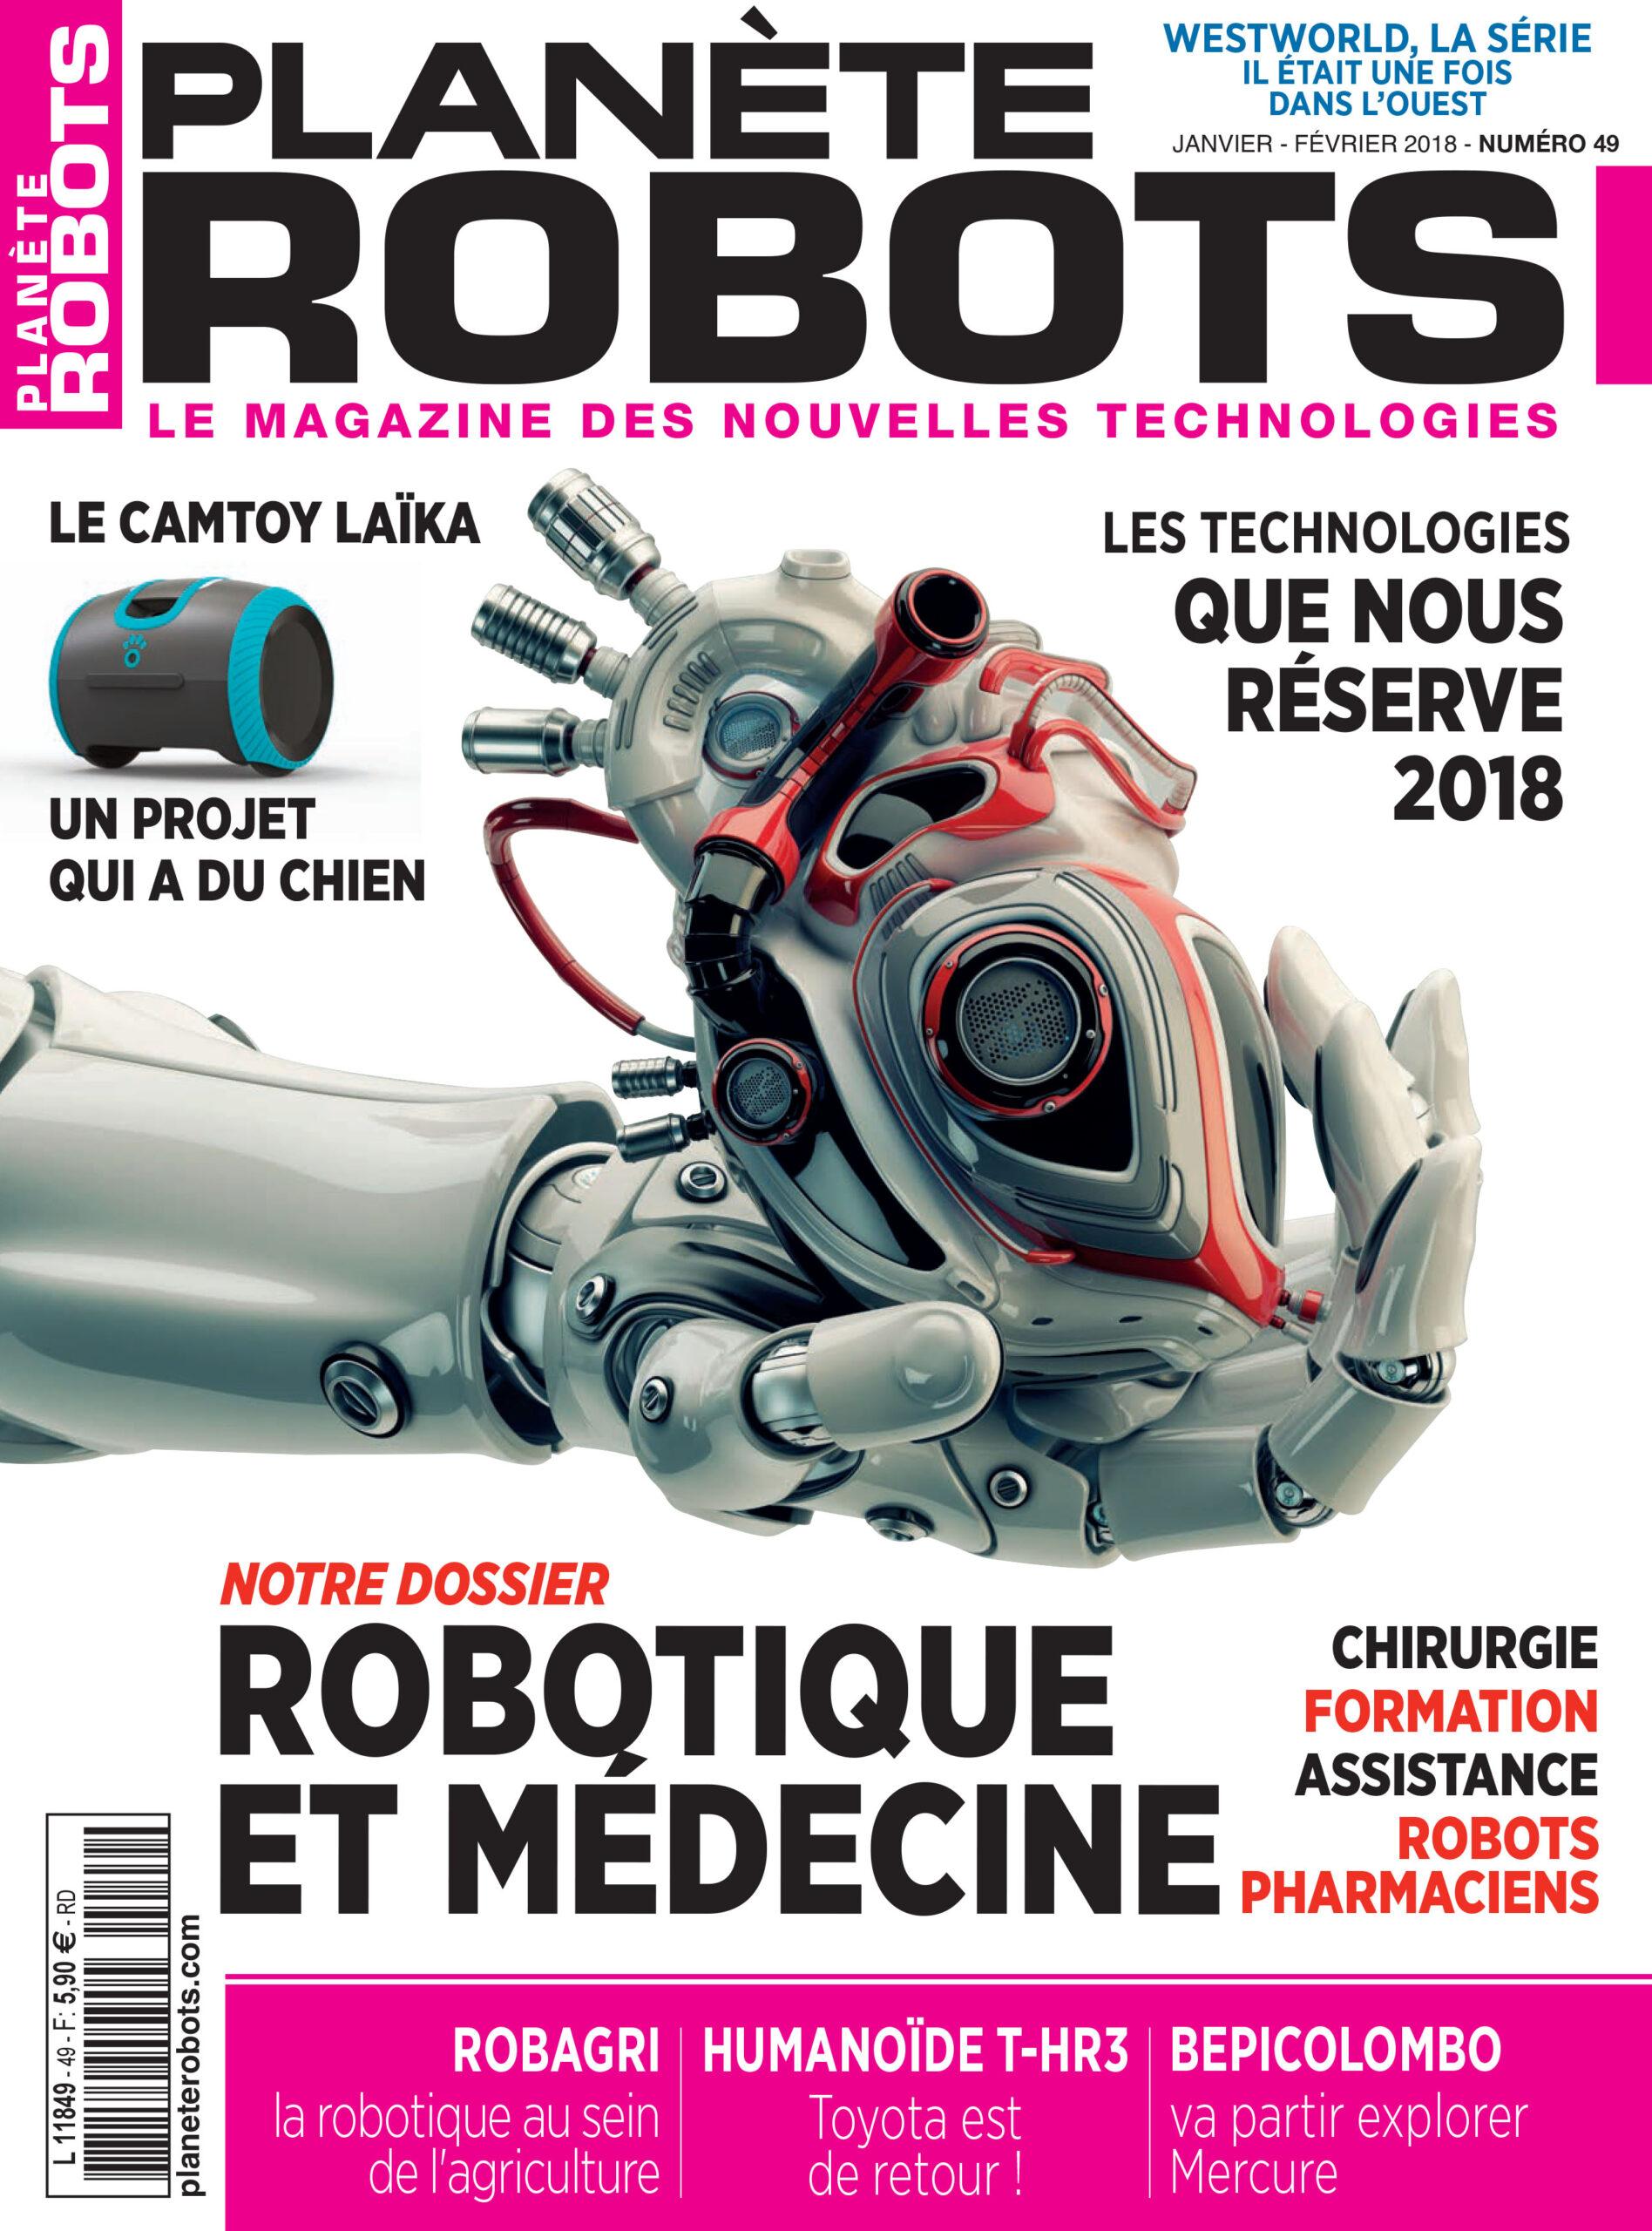 Planète Robots n° 49